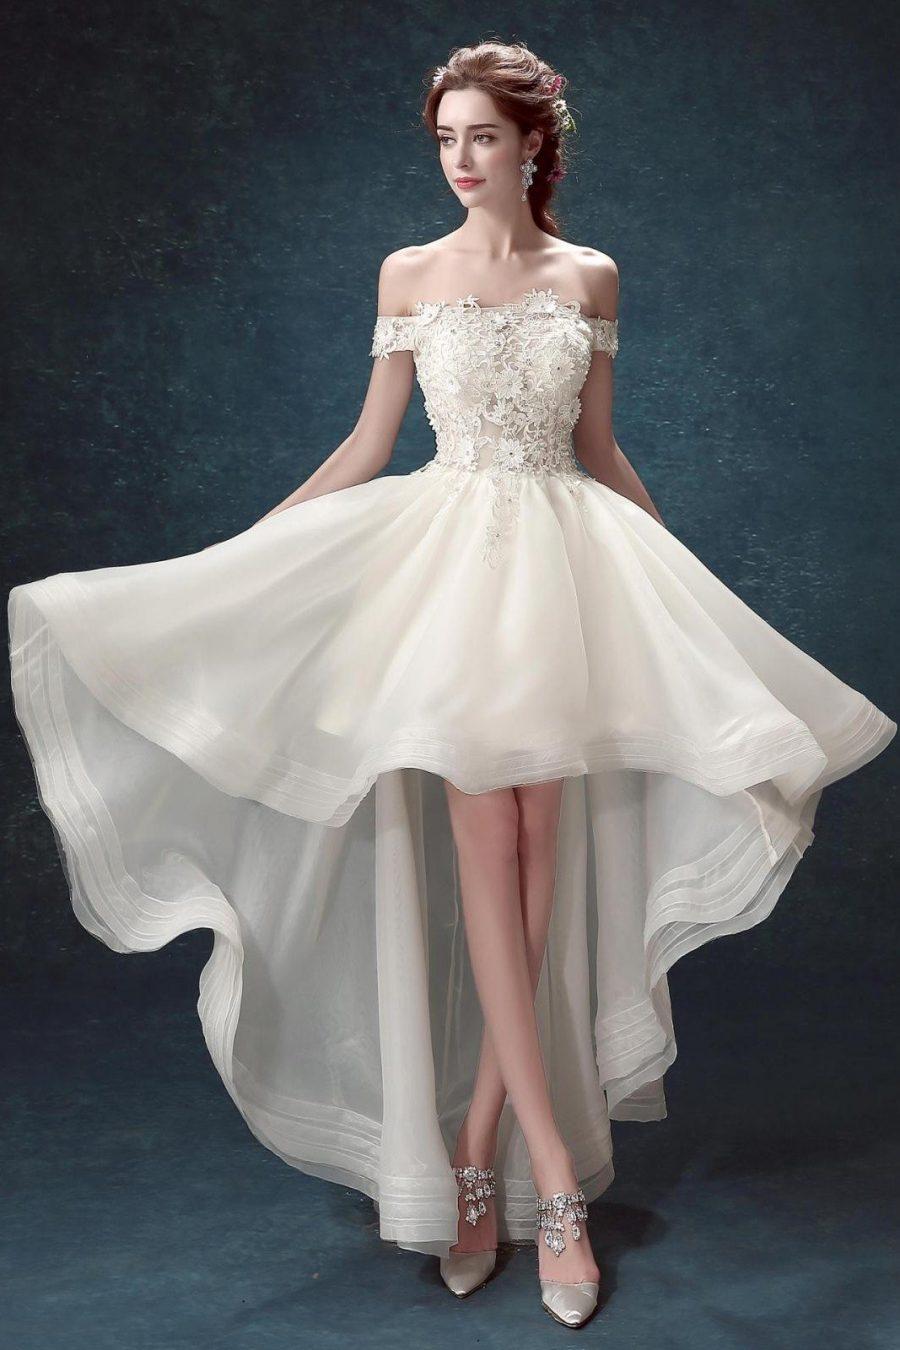 Tổng hợp các mẫu váy cưới ngắn mới nhất